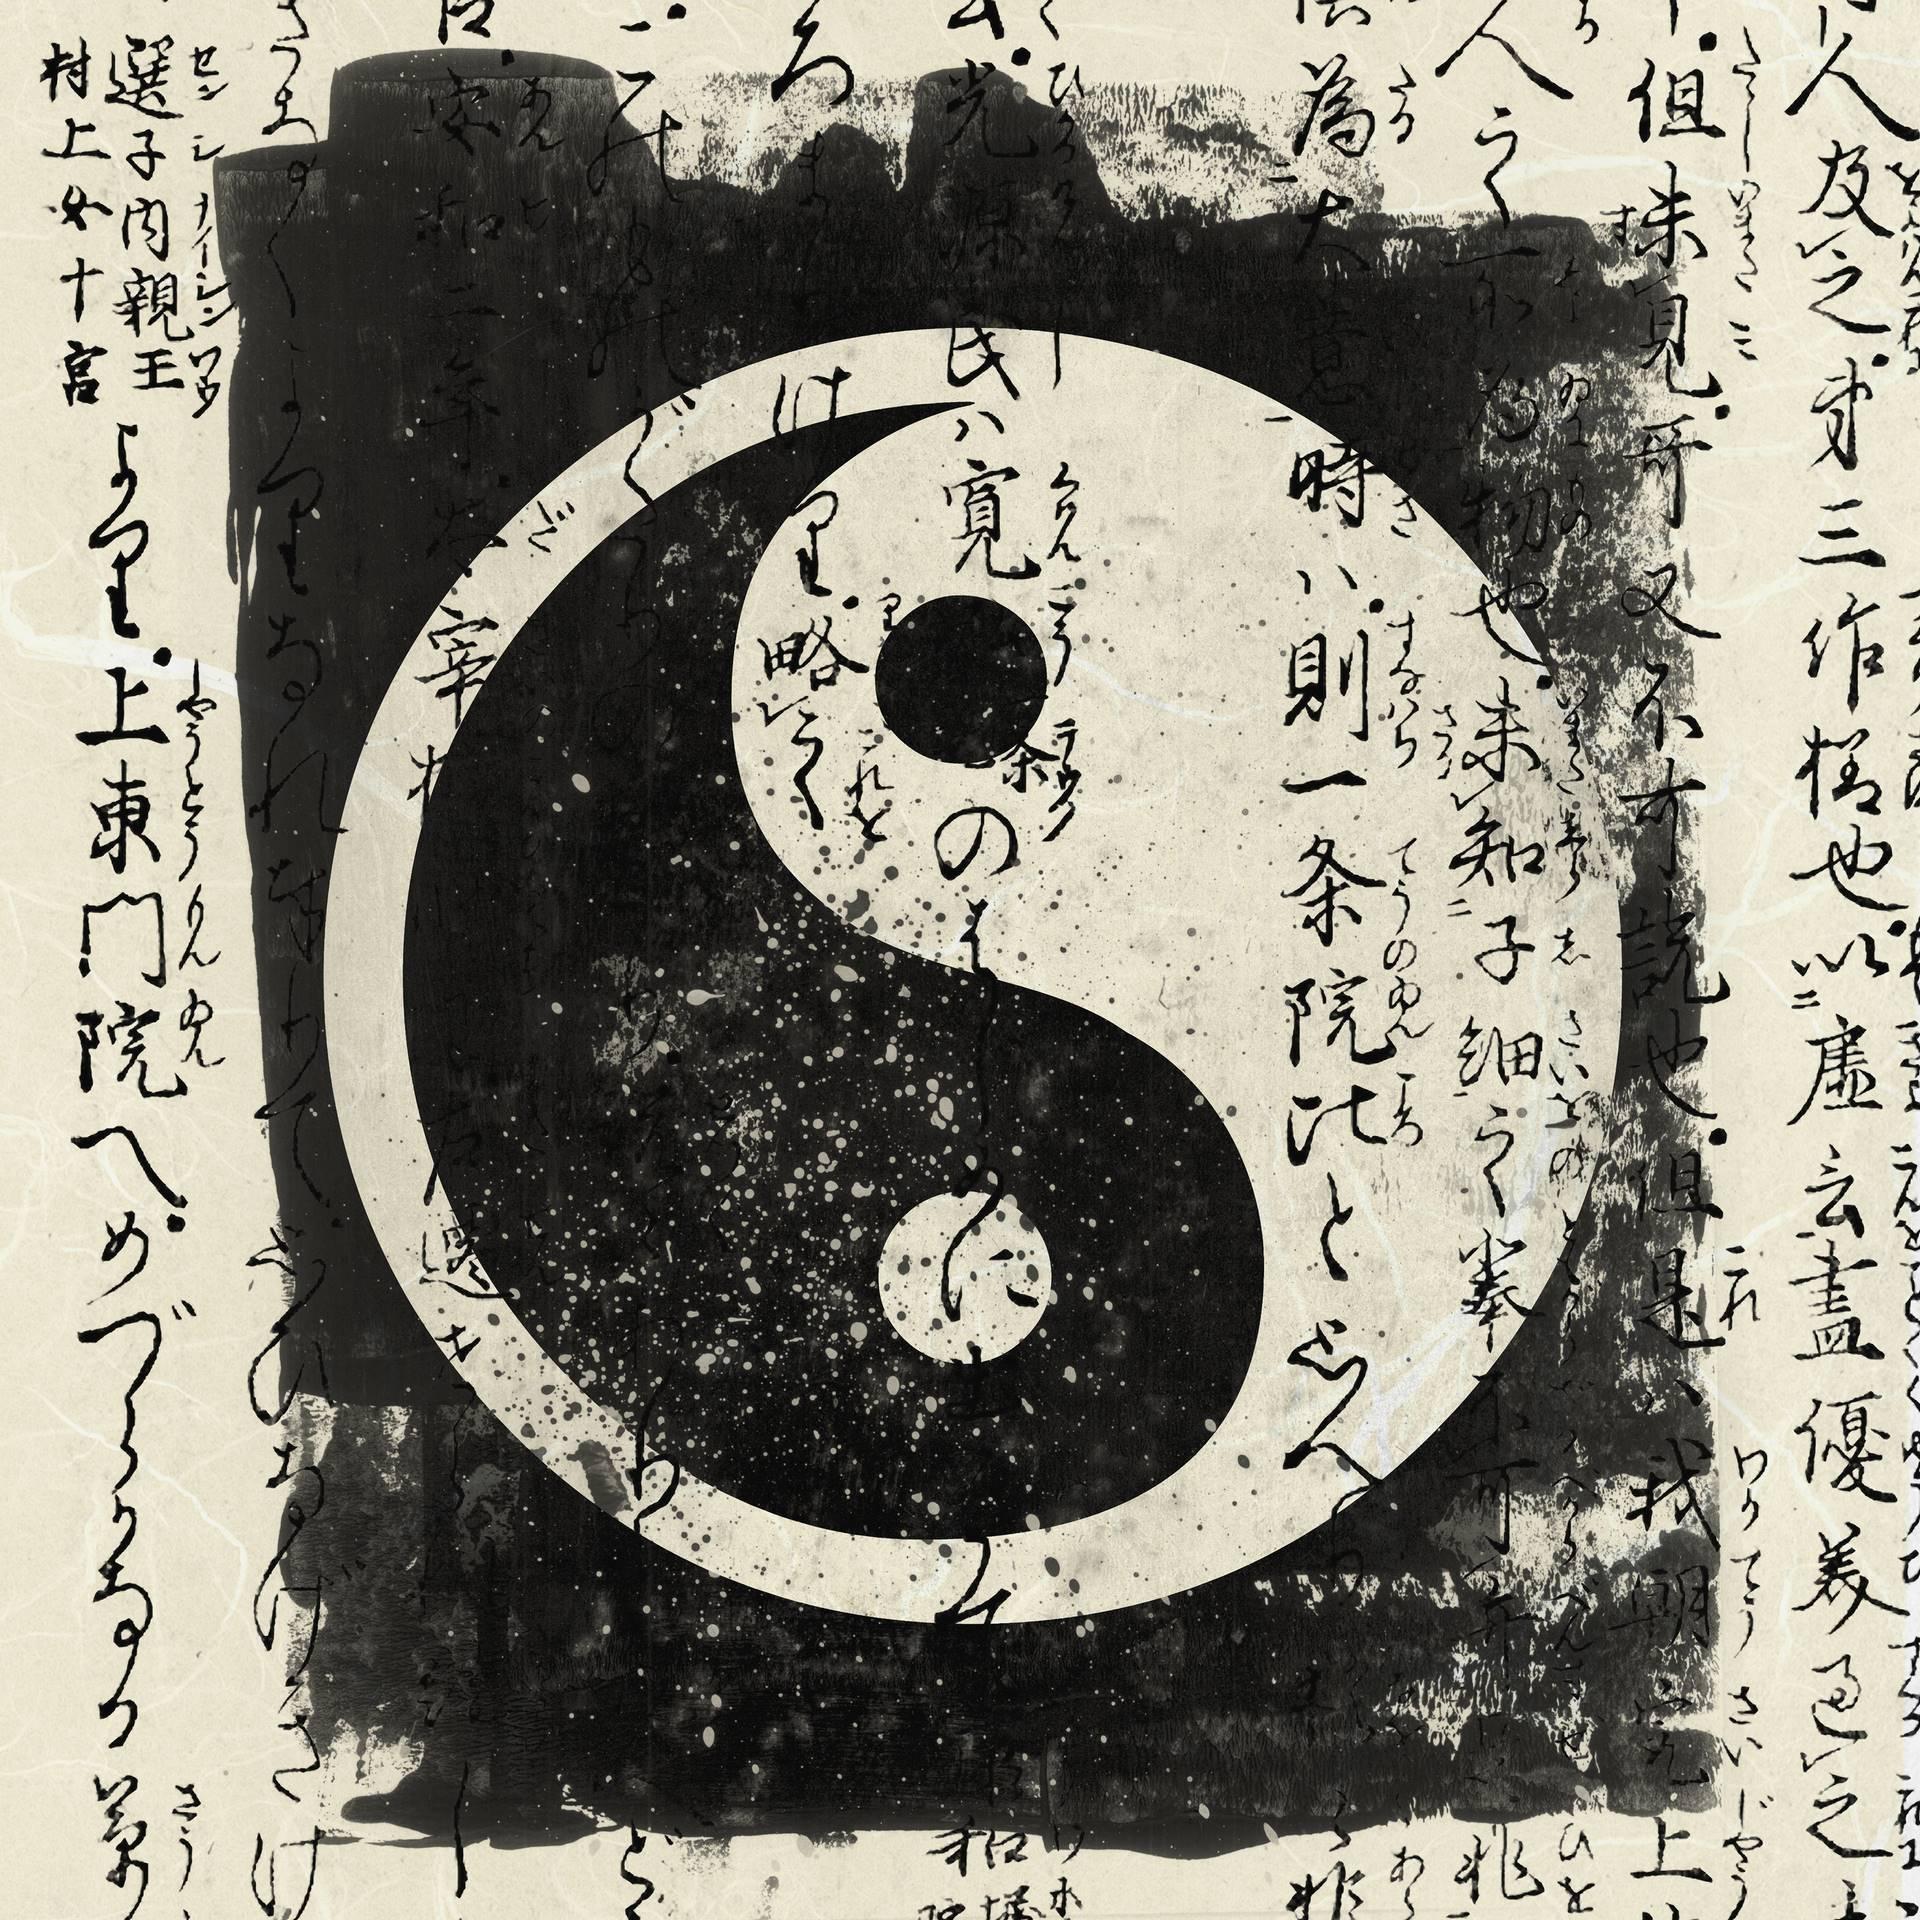 Yin yang symbol with 3 parts